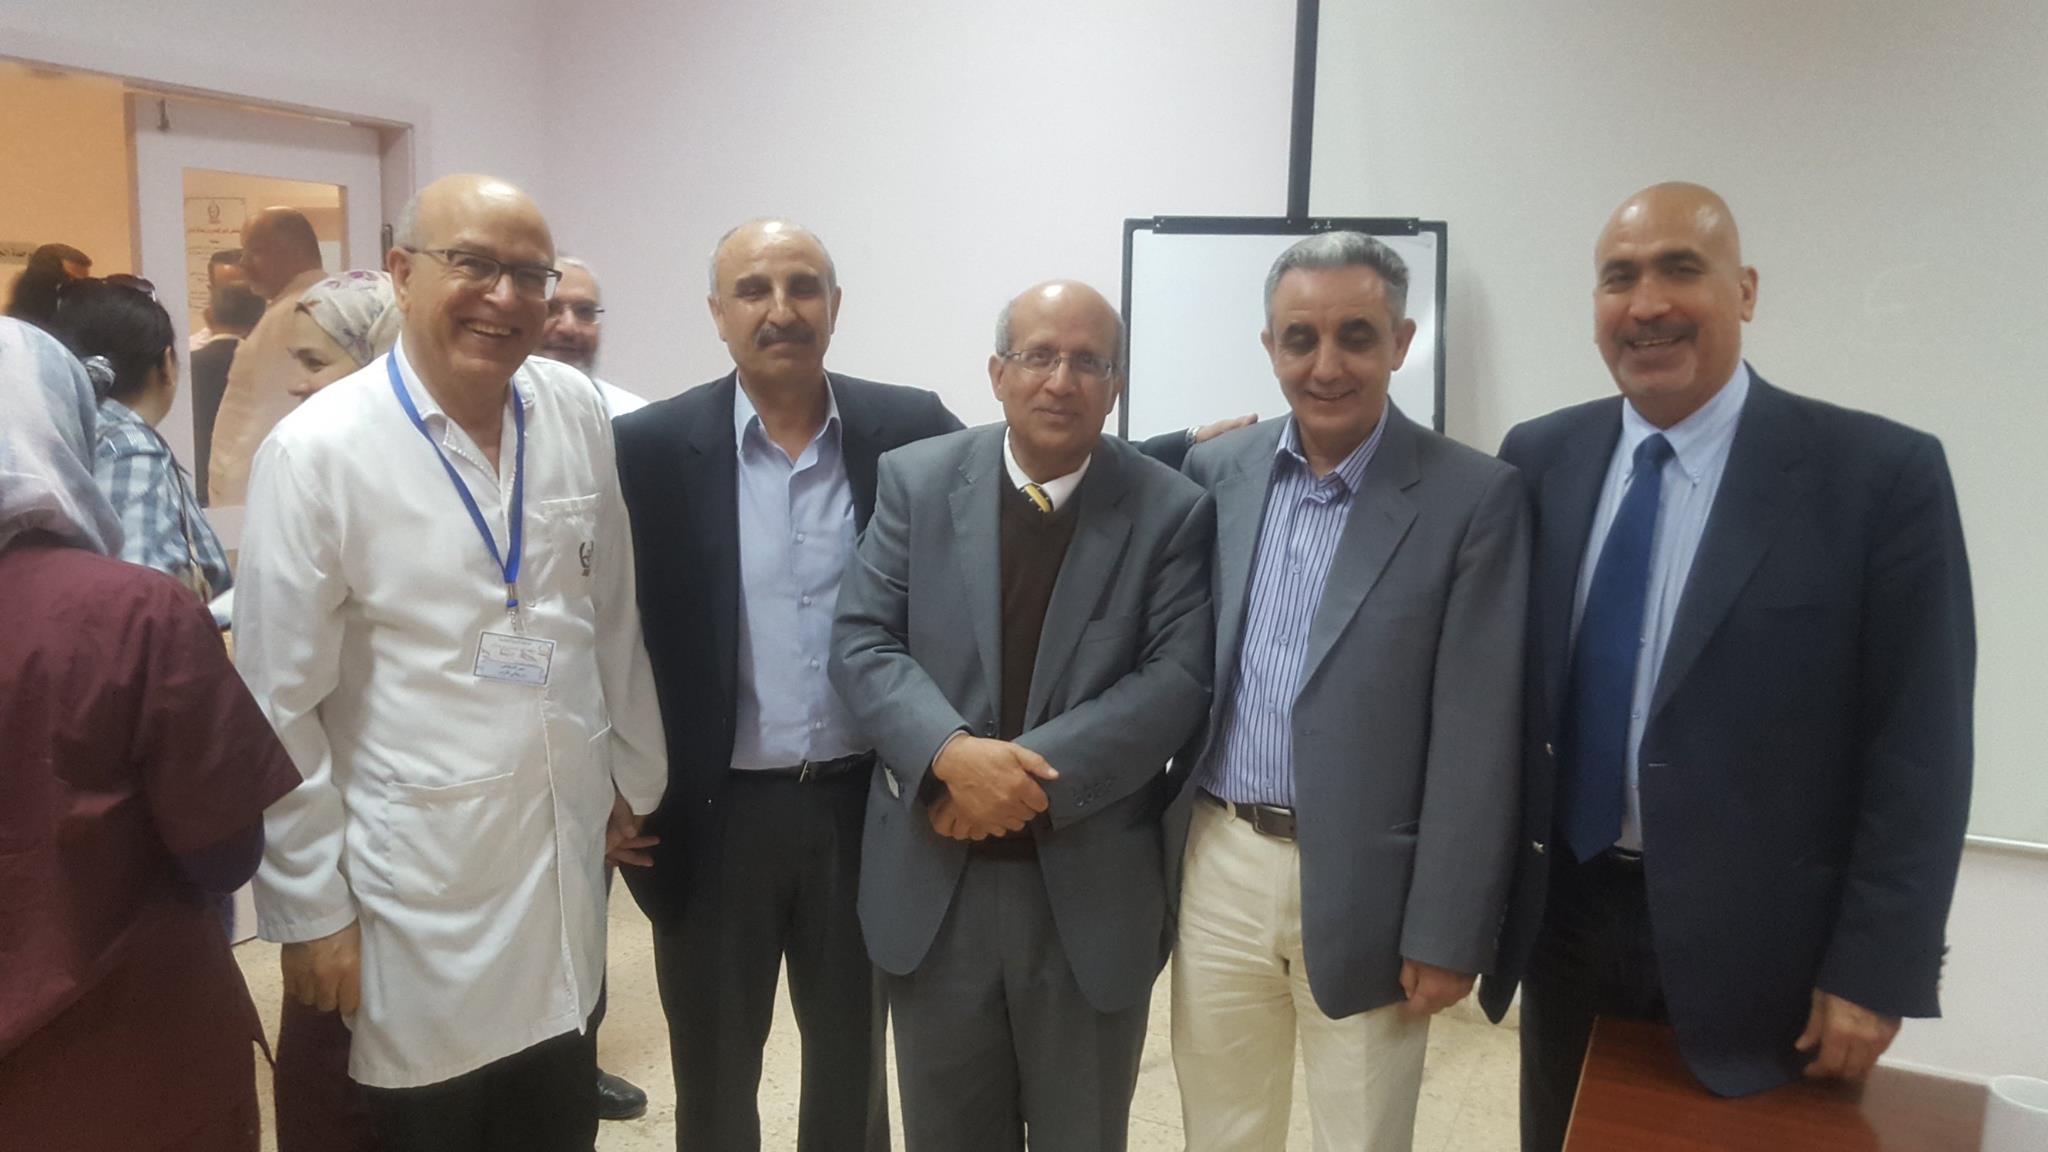 زياره القائمه الخضراء لزملائنا الاطباء في مستشفى الامير حسين شكرا كثيرا للزملاء على حسن الاستقبال وشكرا كثيرا للدعم ابريل – 2016